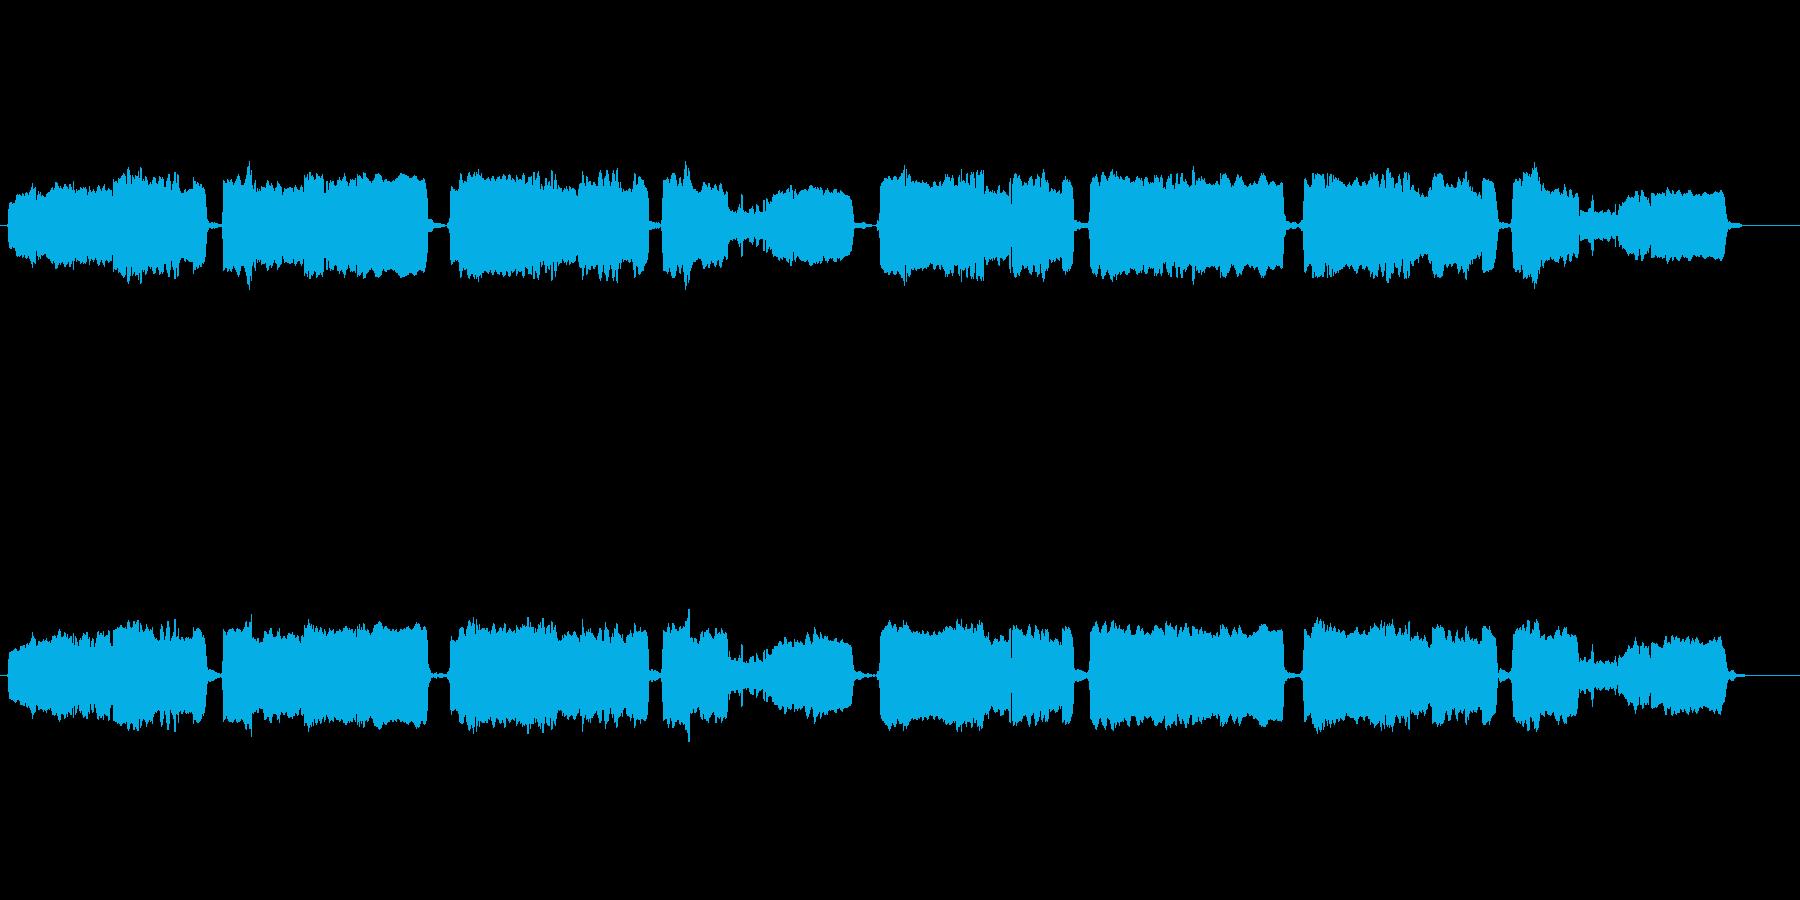 「蛍の光」の篠笛独奏の再生済みの波形